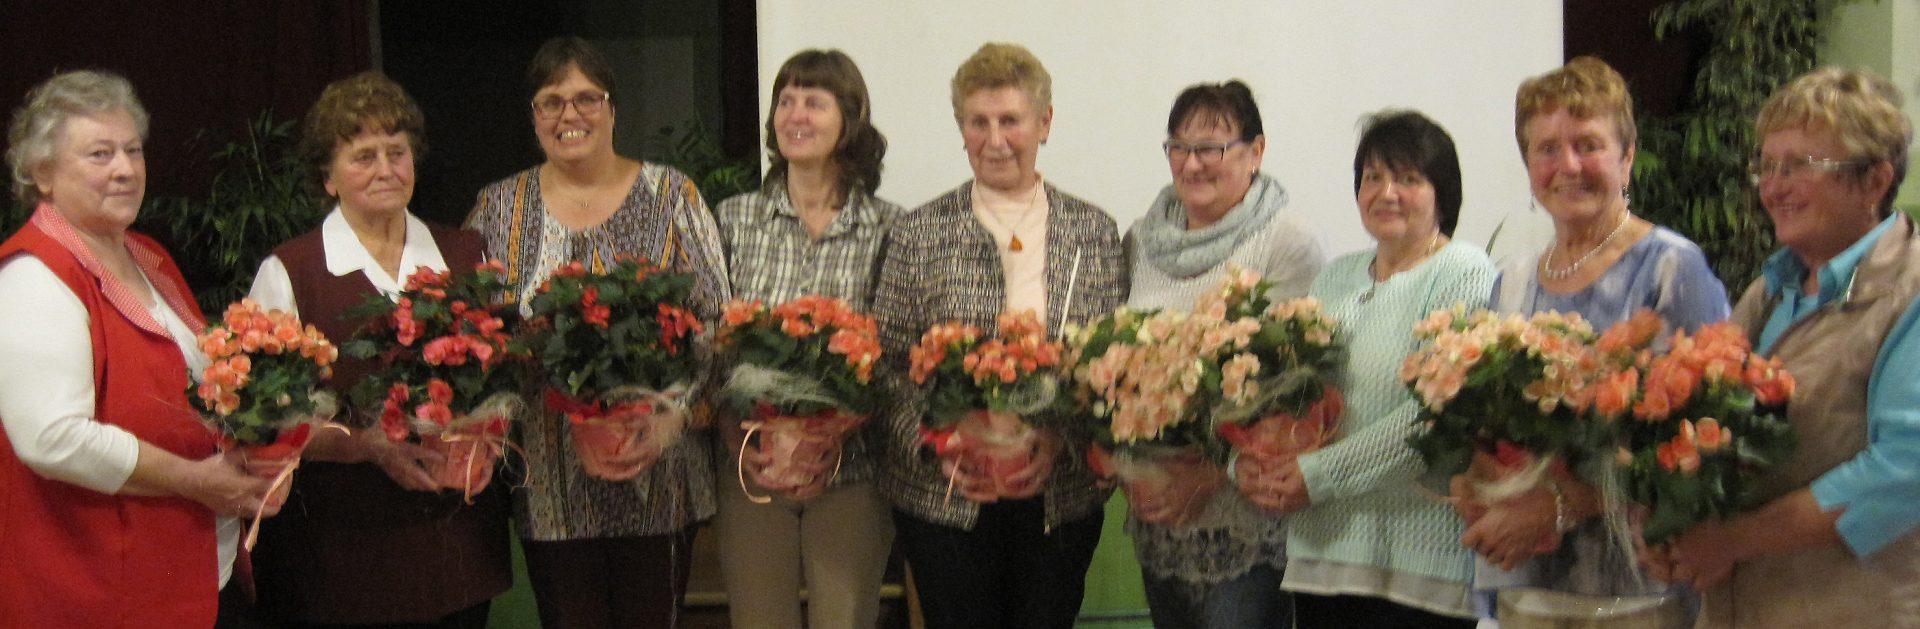 """Vorstand des Landfrauenverbandes """"Niederlausitz"""" e. V."""